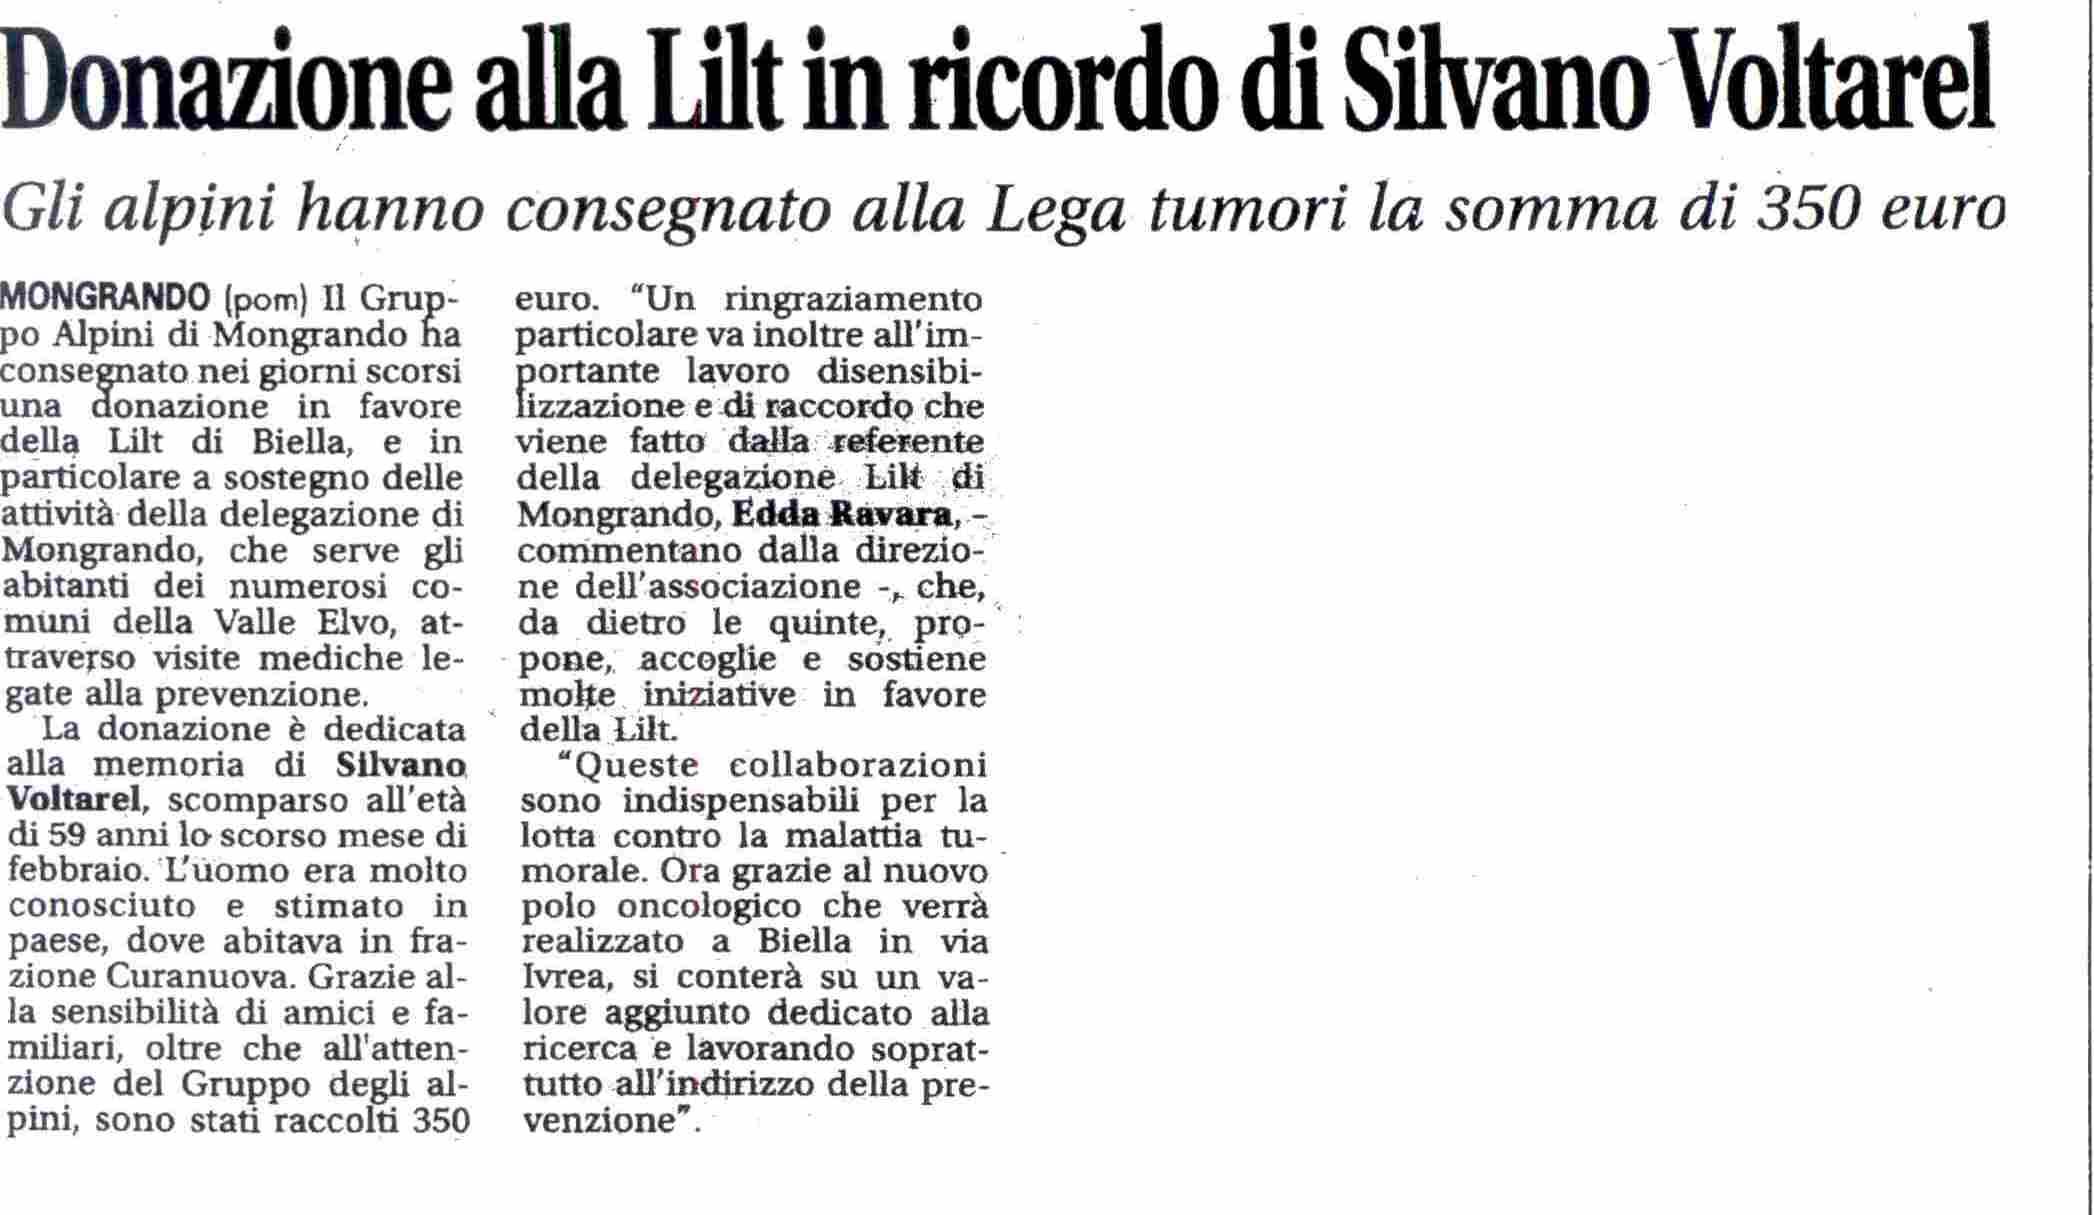 Donazione alla Lilt in Ricordo di Silvano Voltarel